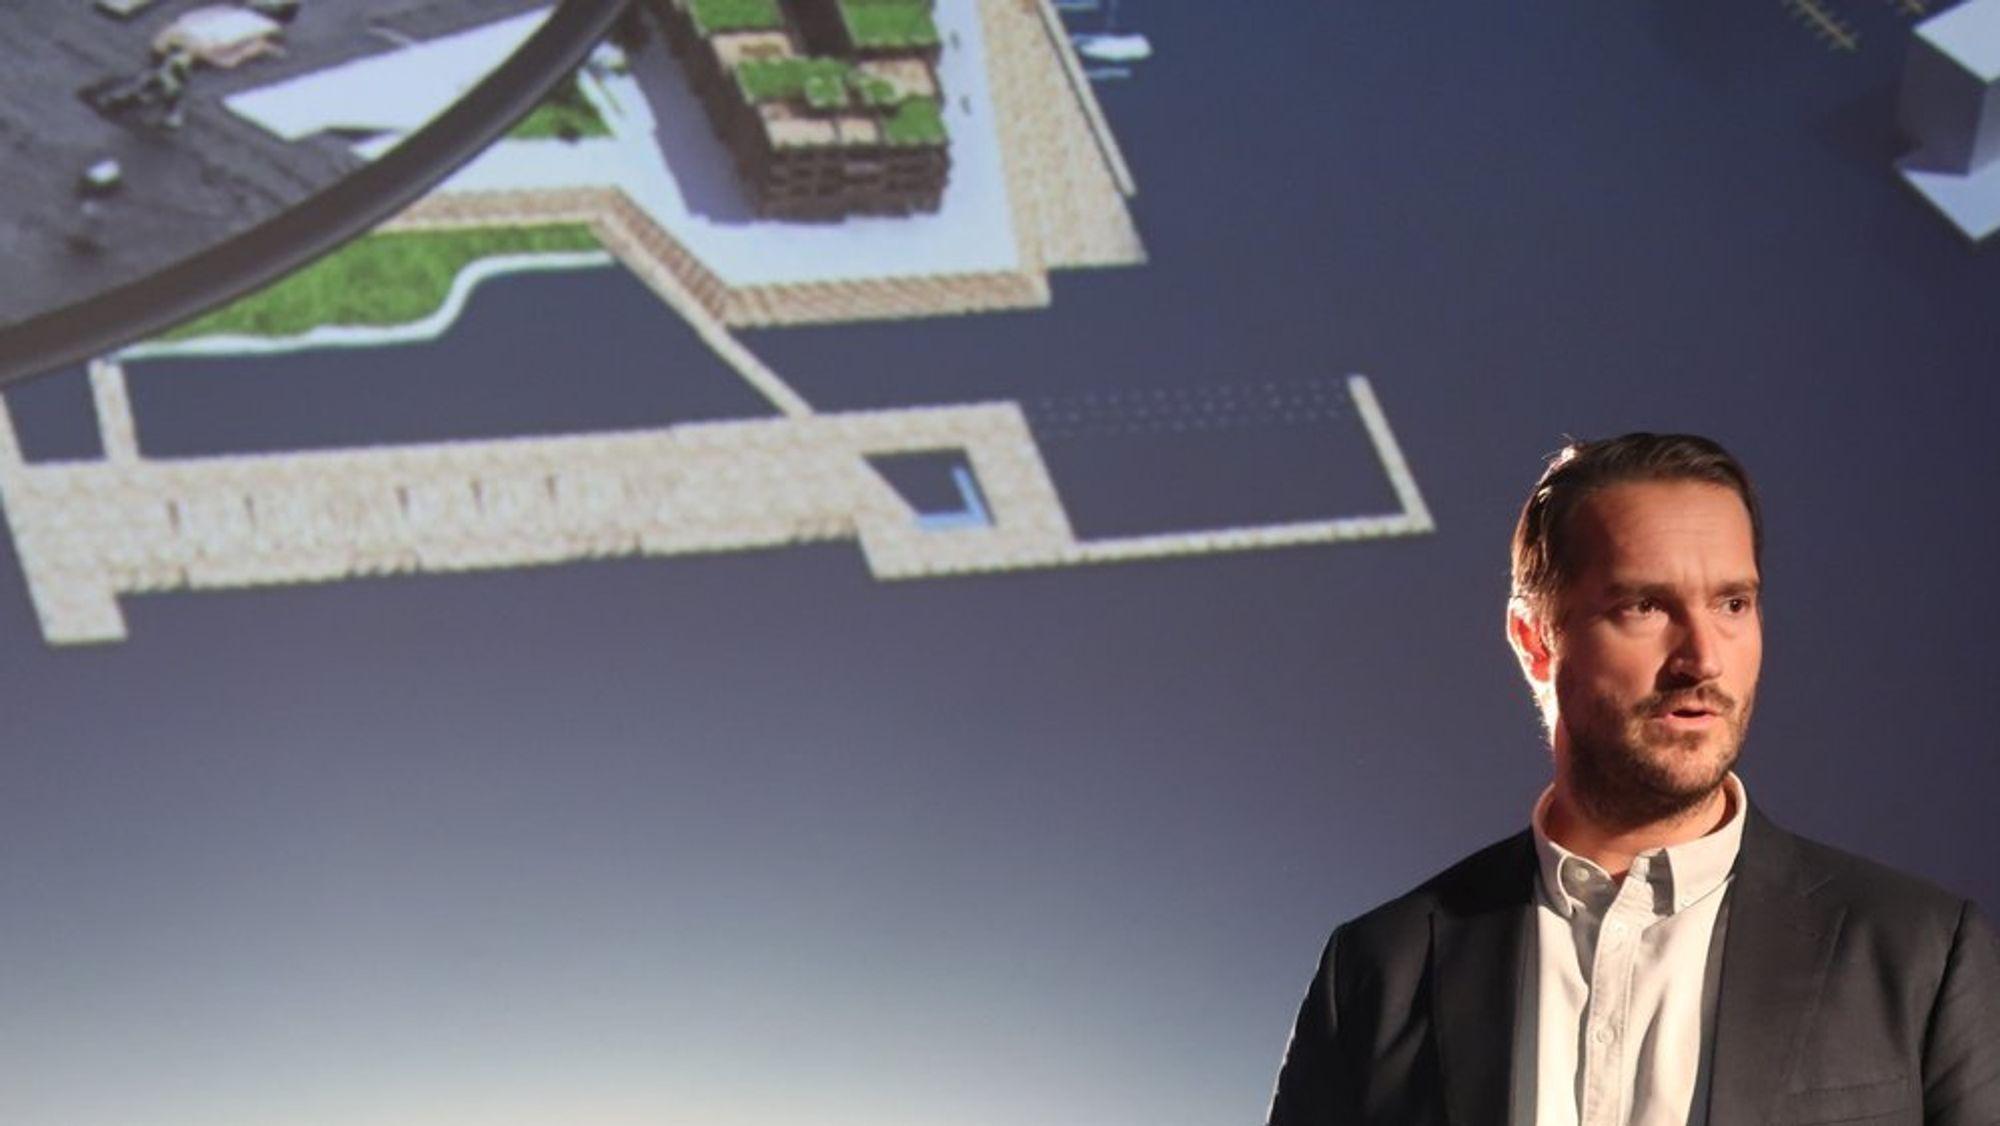 Prosjektdirektør Lars Petter Fritzsønn i AF-gruppen sier de er opptatt av å ta en posisjon på bruk av teknologi i sitt arbeid.